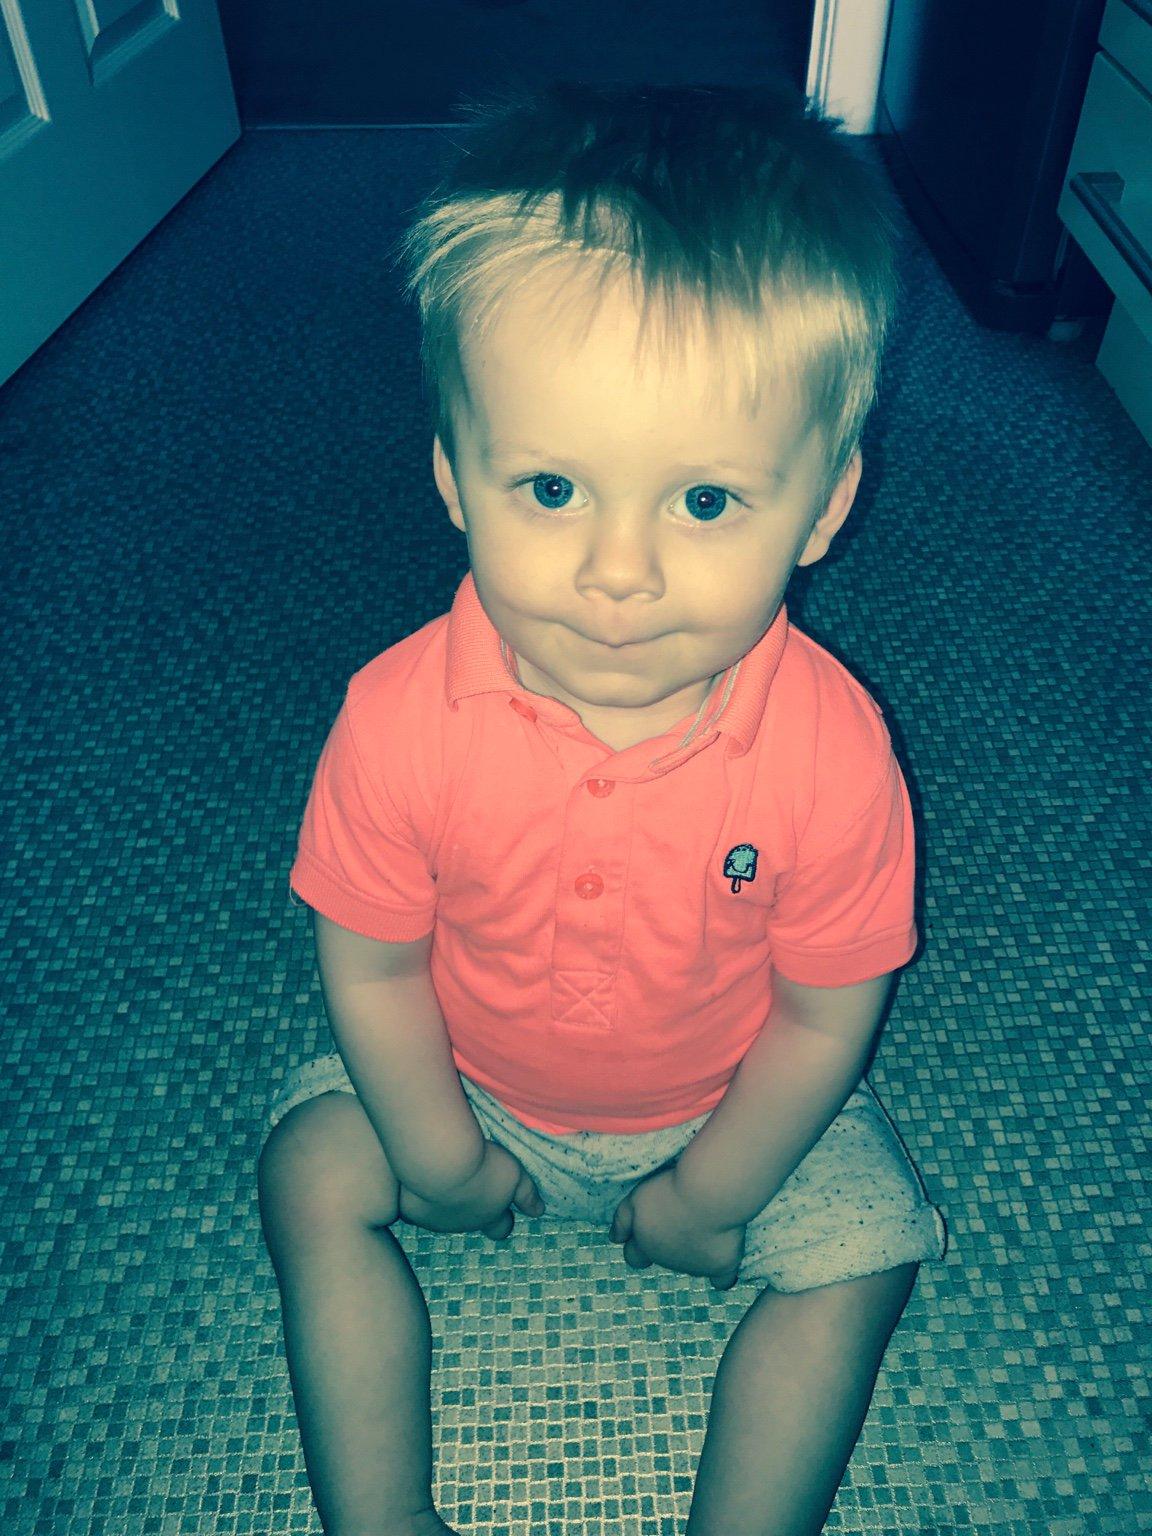 Help! 32 weeks baby measuring small femur   possible